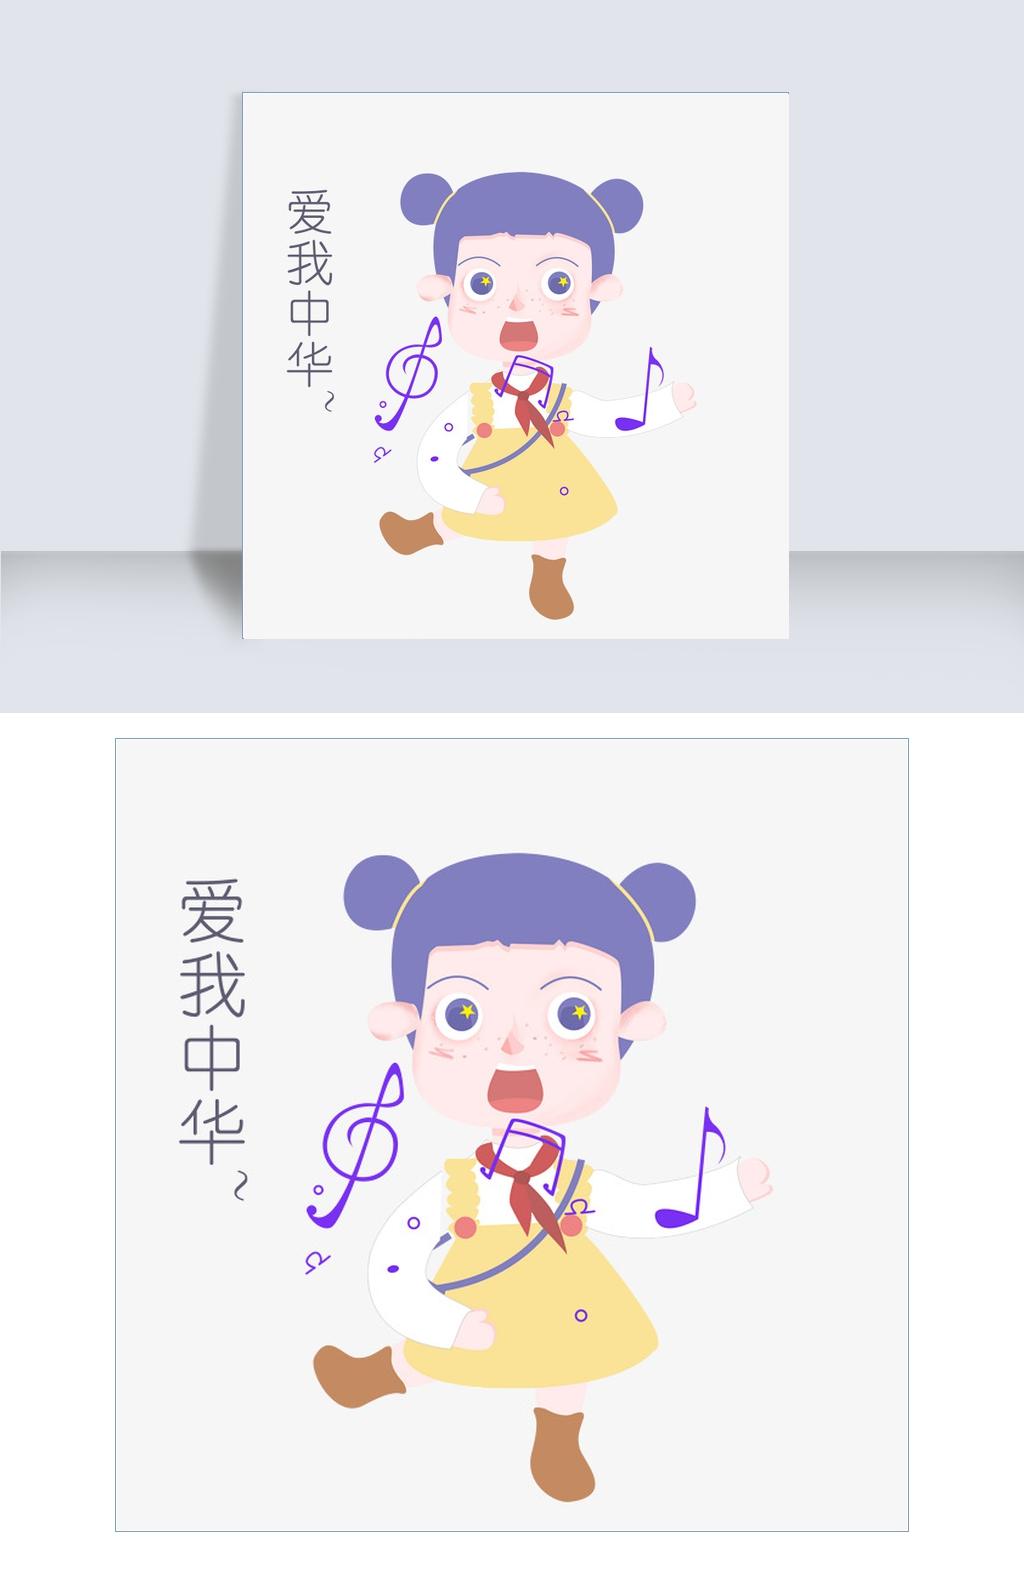 国庆节文字表v文字我中华大全表情gif加节日+人物图片插画包图片